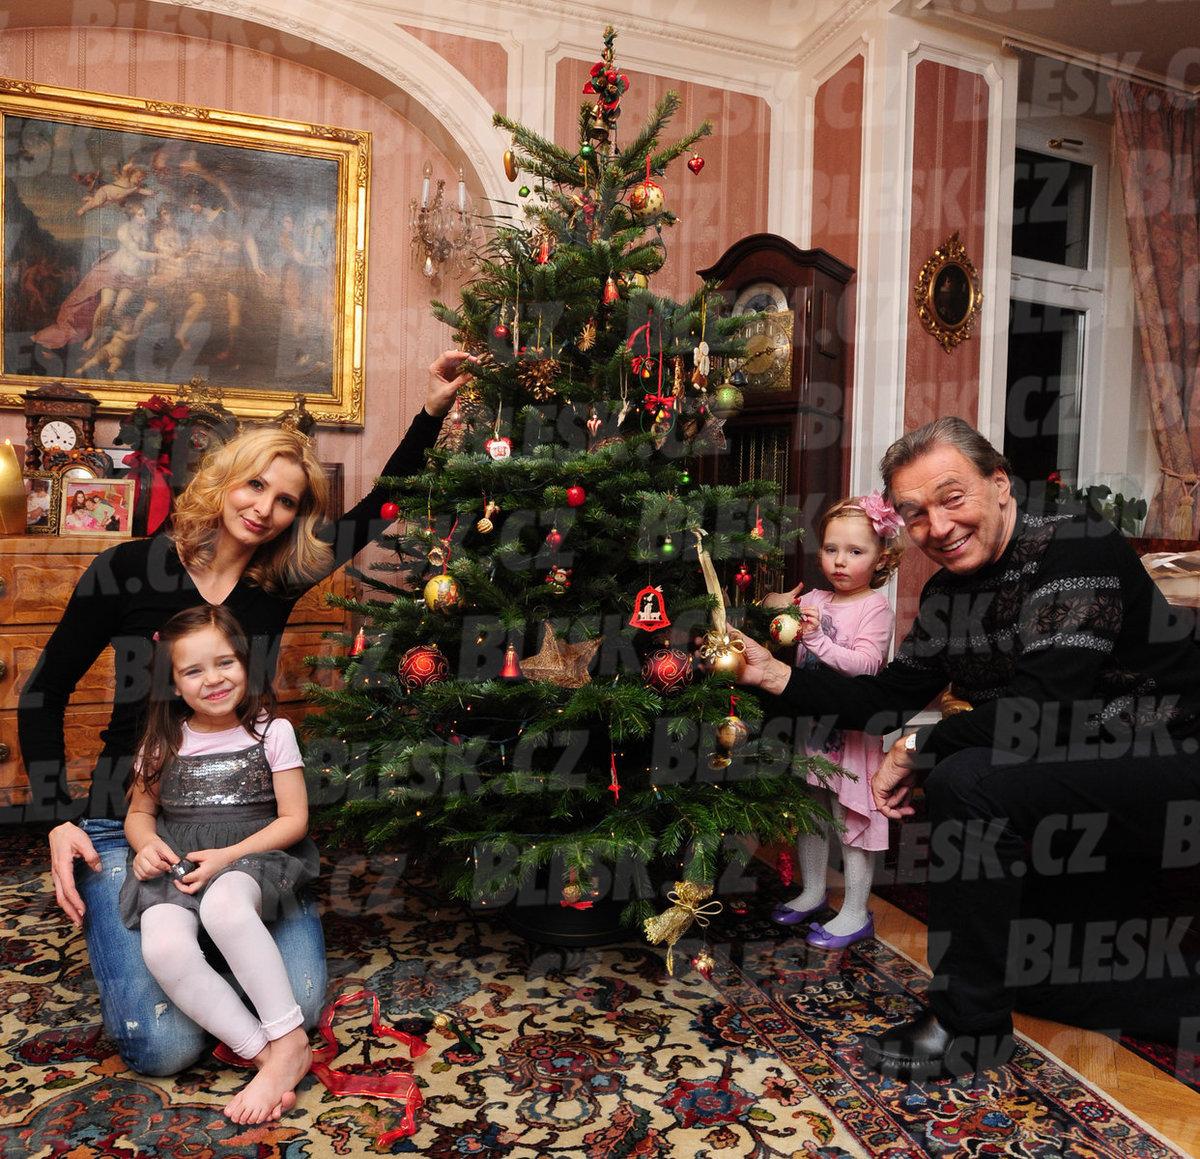 S manželkou Ivanou a dcerkami Nellinkou a Charlottkou (2010)